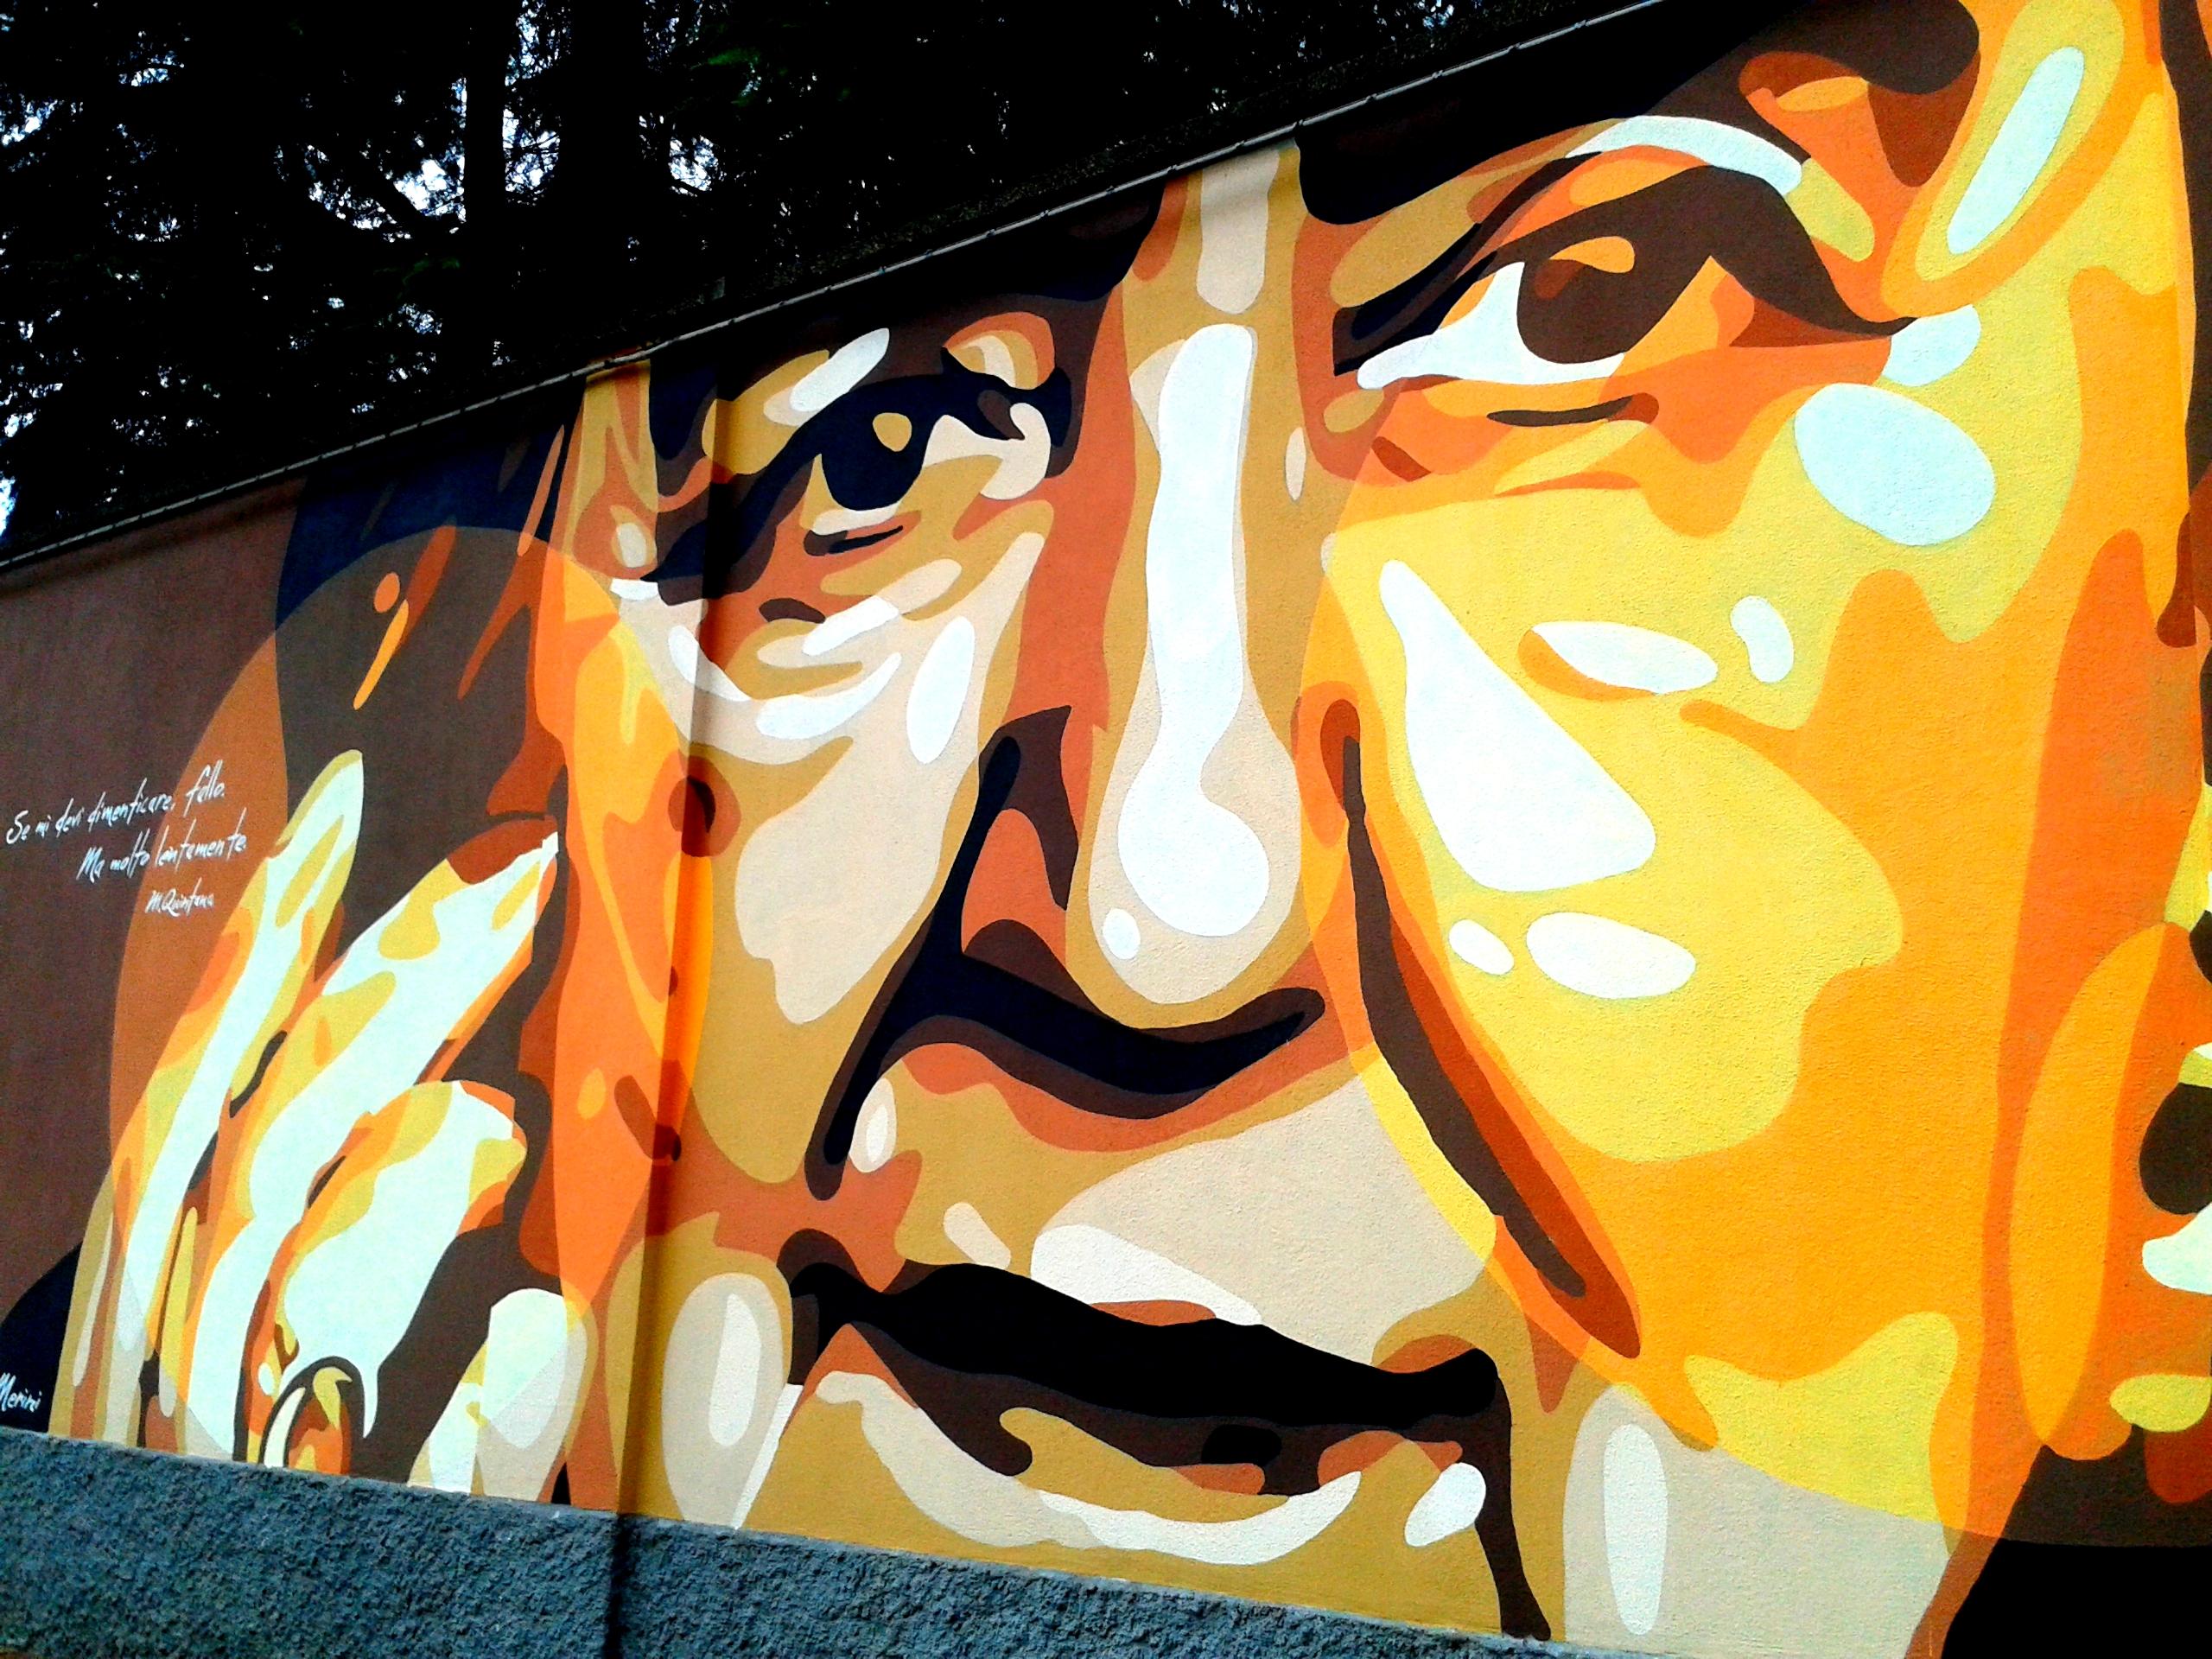 Il mega murale di Piazza Cardinal Ferrari percorre il muro il convento della Visitazione (150 metri), che raffigura e celebra 12 volti illustri di Milano che si sono distinti nel campo della letteratura, poesia, cinema e musica. Tra questi spiccano Iannacci, Gaber, Franca Rame, Mariangela Melato, Alda Merini, Gadda.